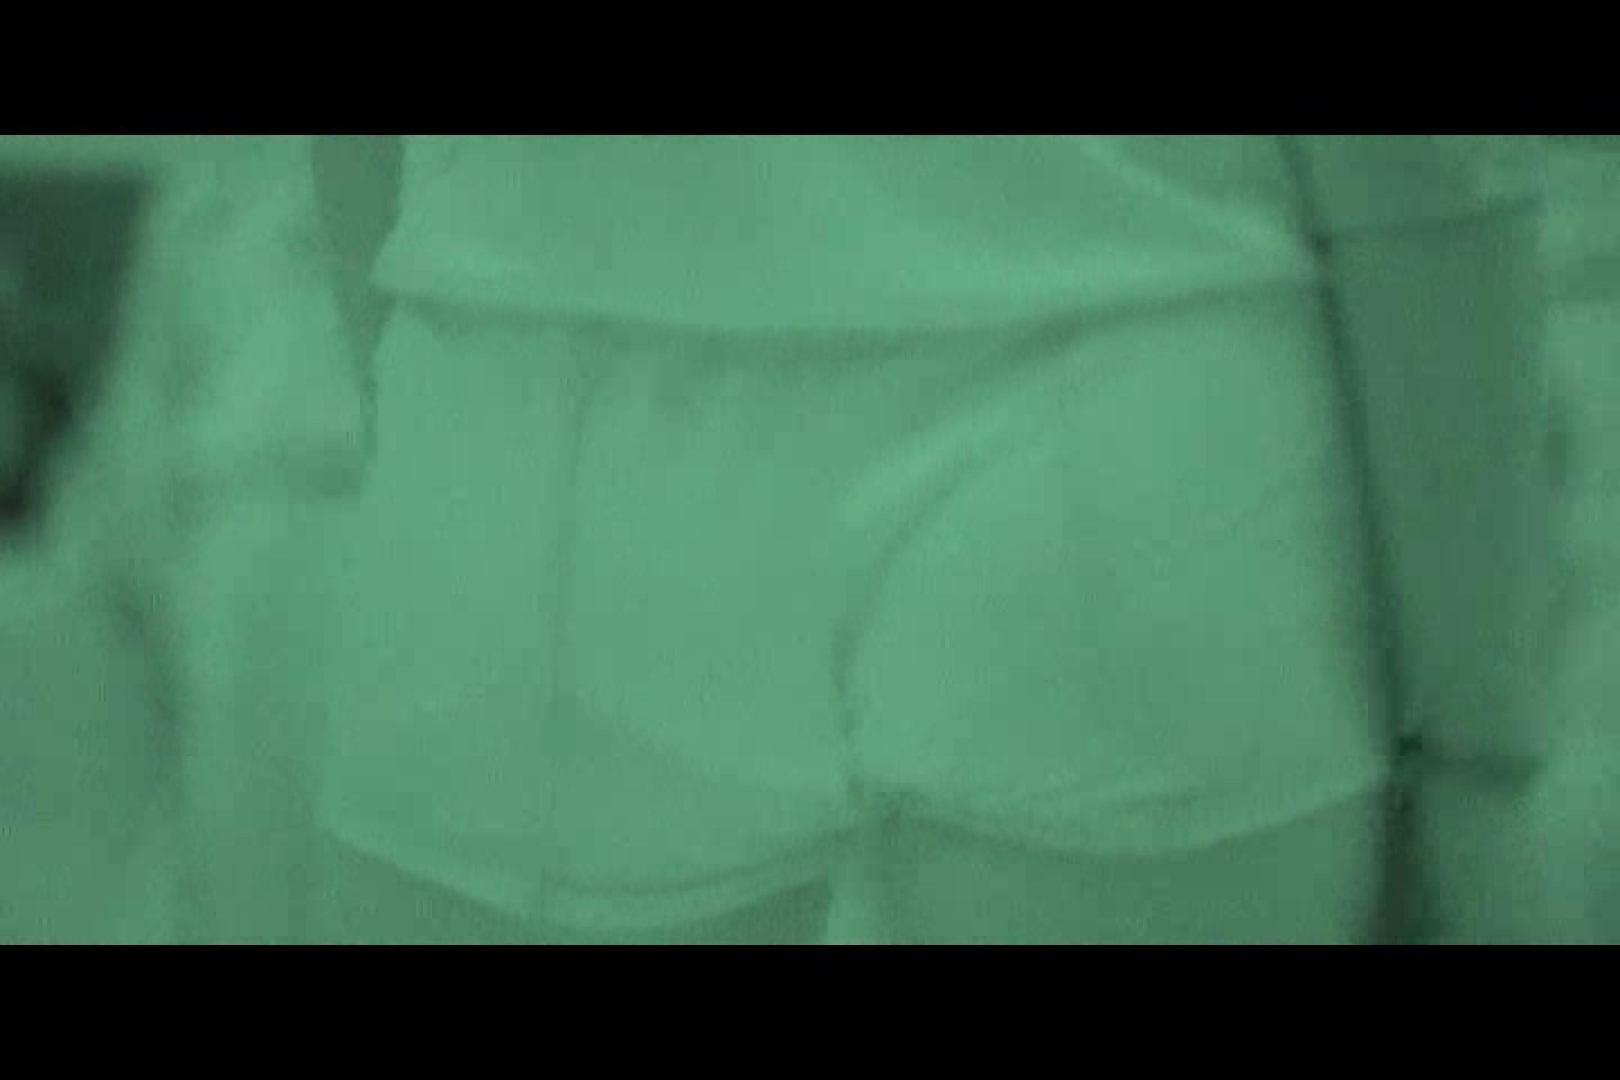 赤外線ムレスケバレー(汗) vol.06 OLエロ画像 | アスリート  34PICs 1